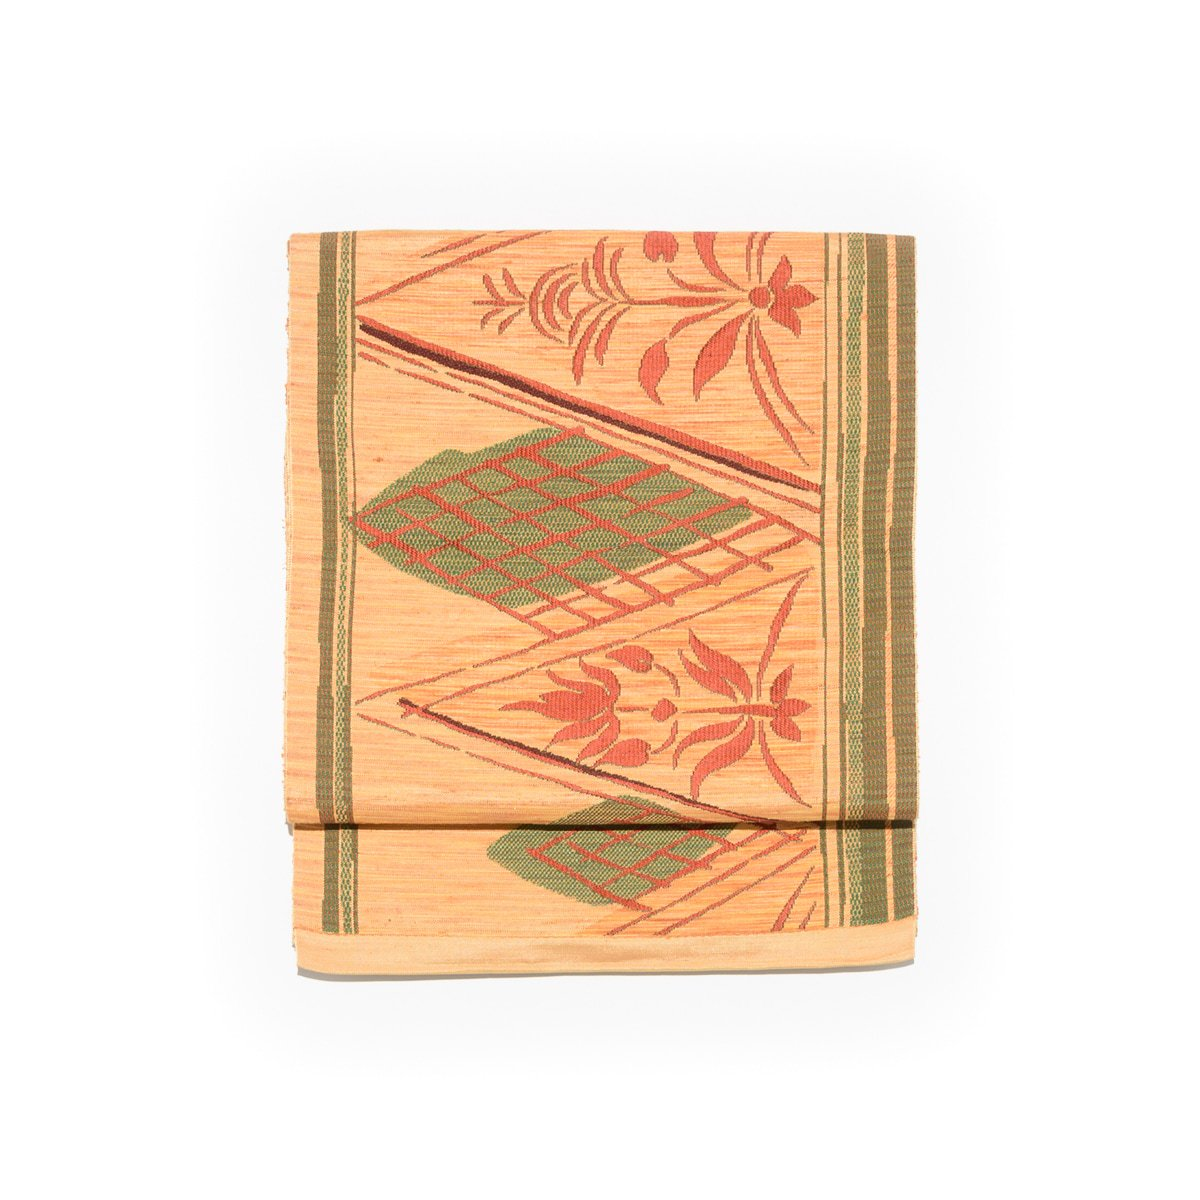 「八寸名古屋帯 三角に花」の商品画像